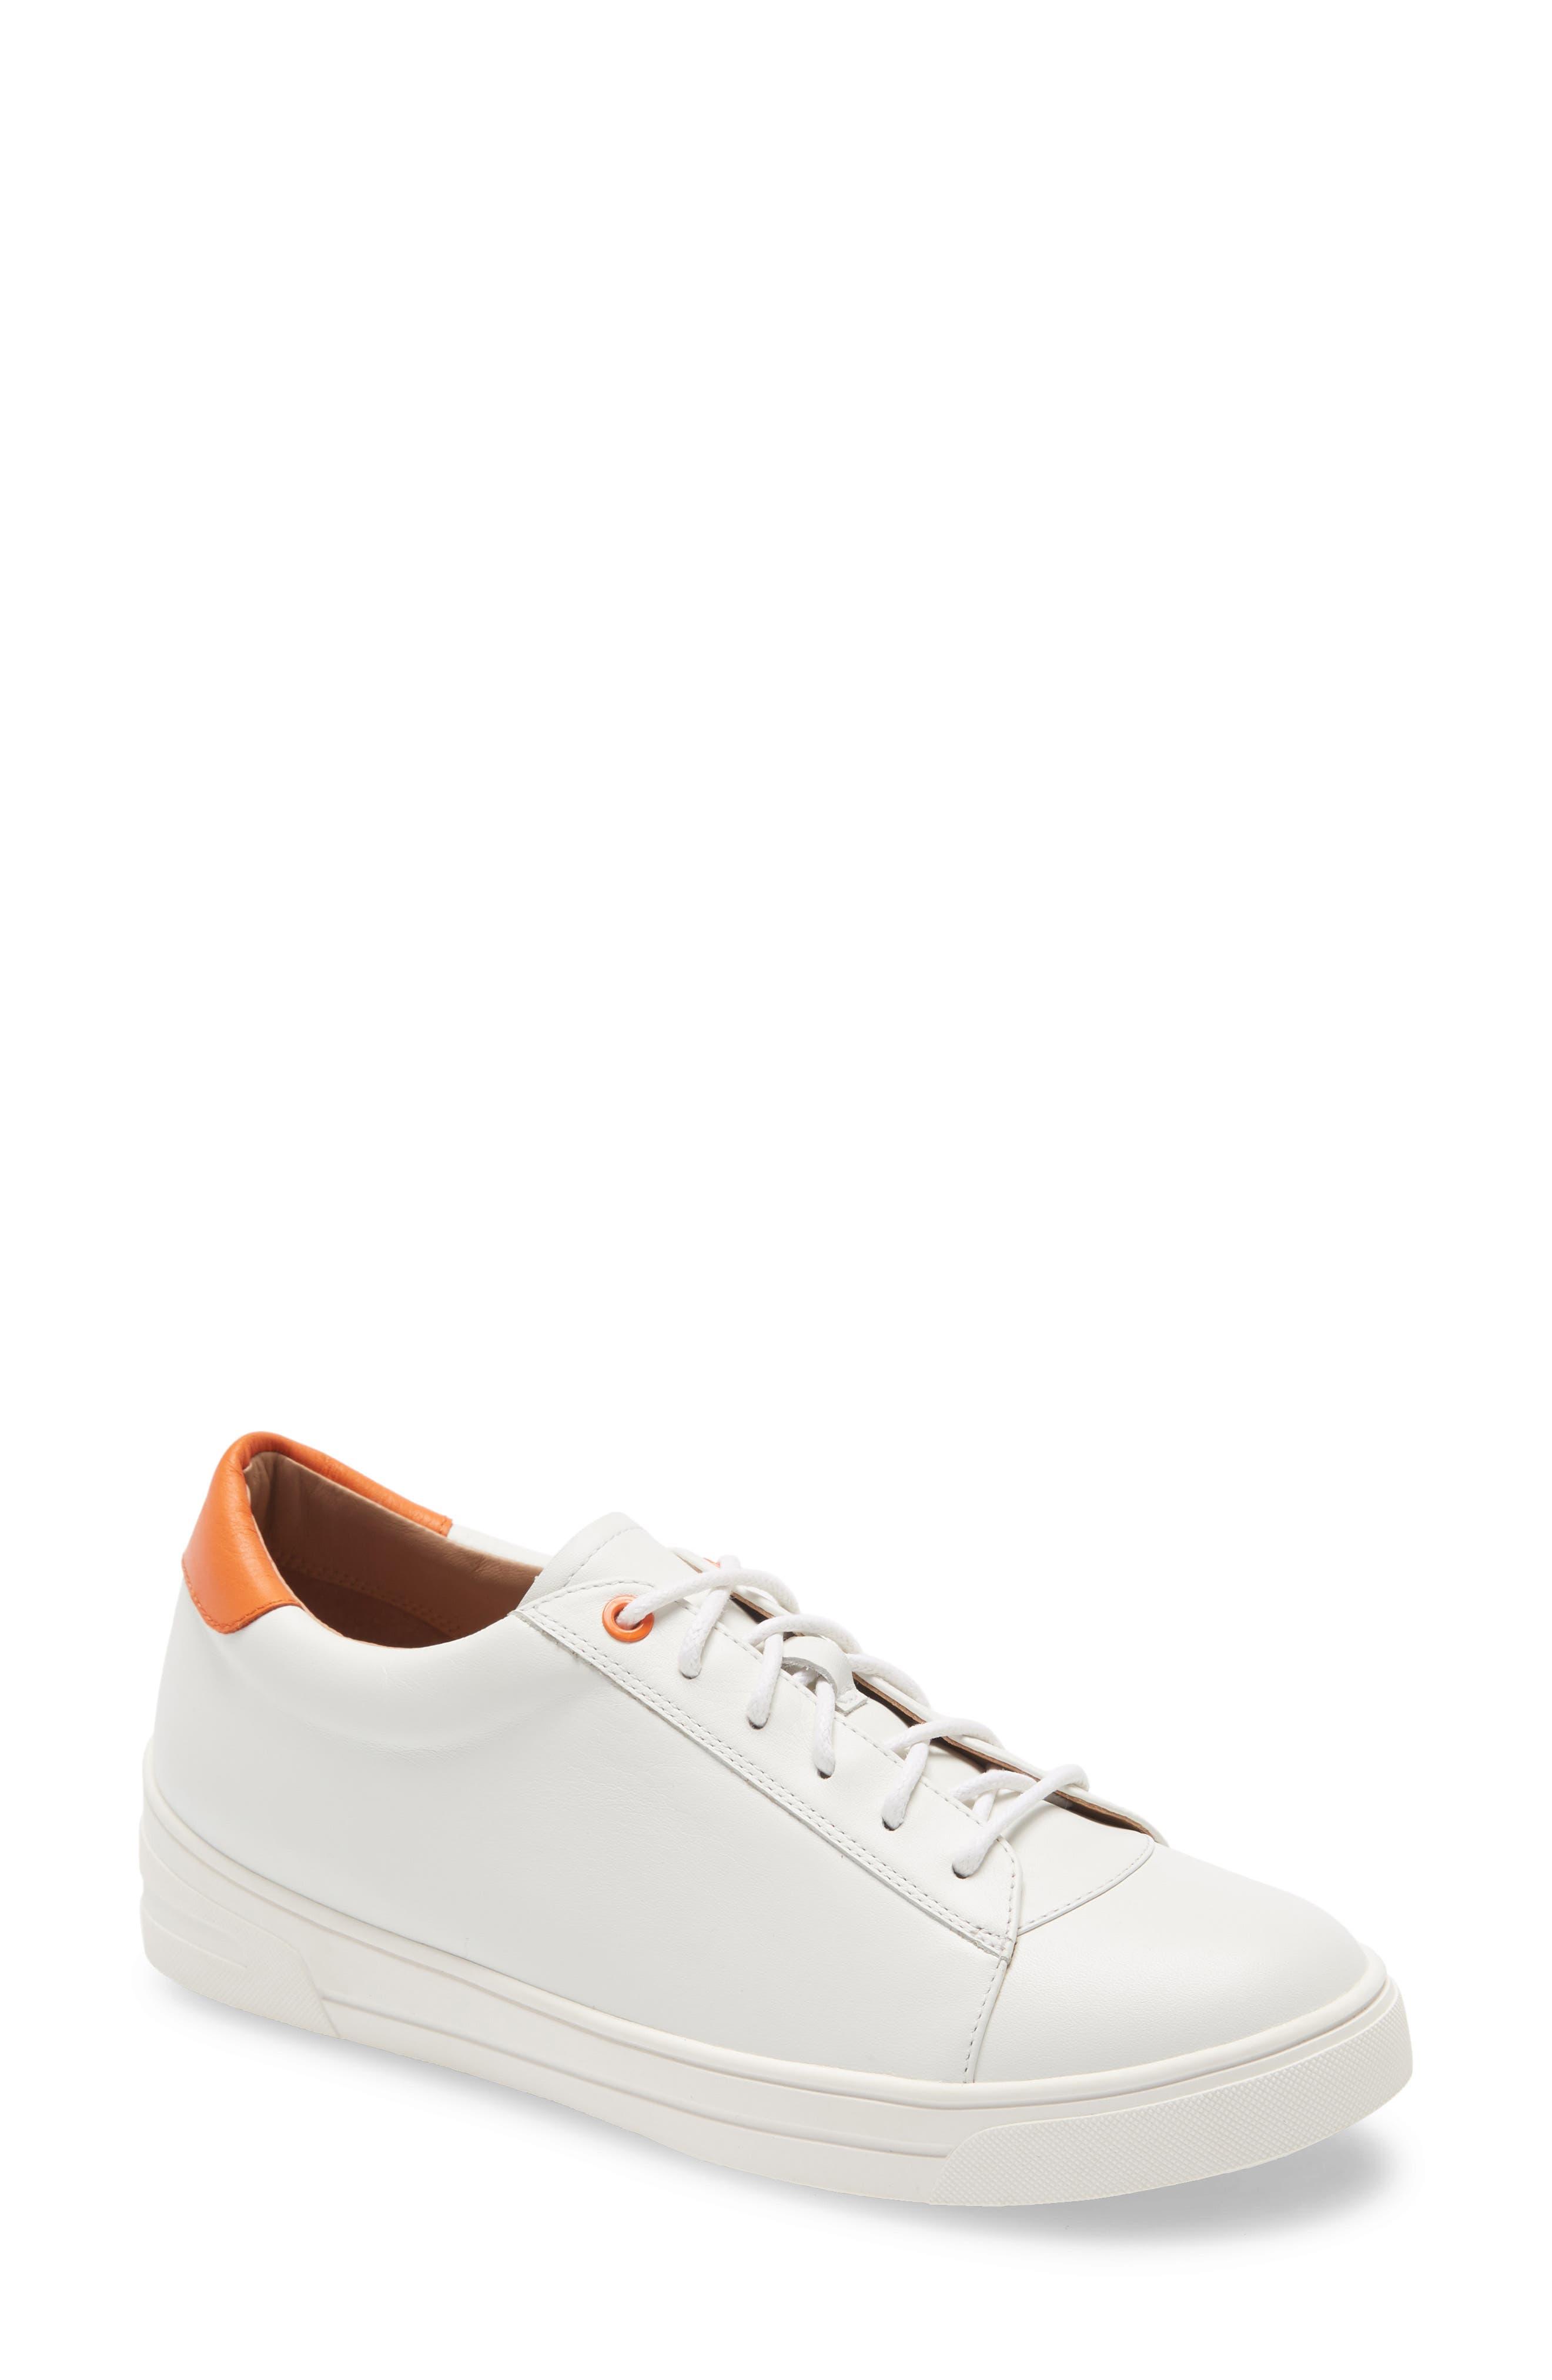 Kaia Sneaker